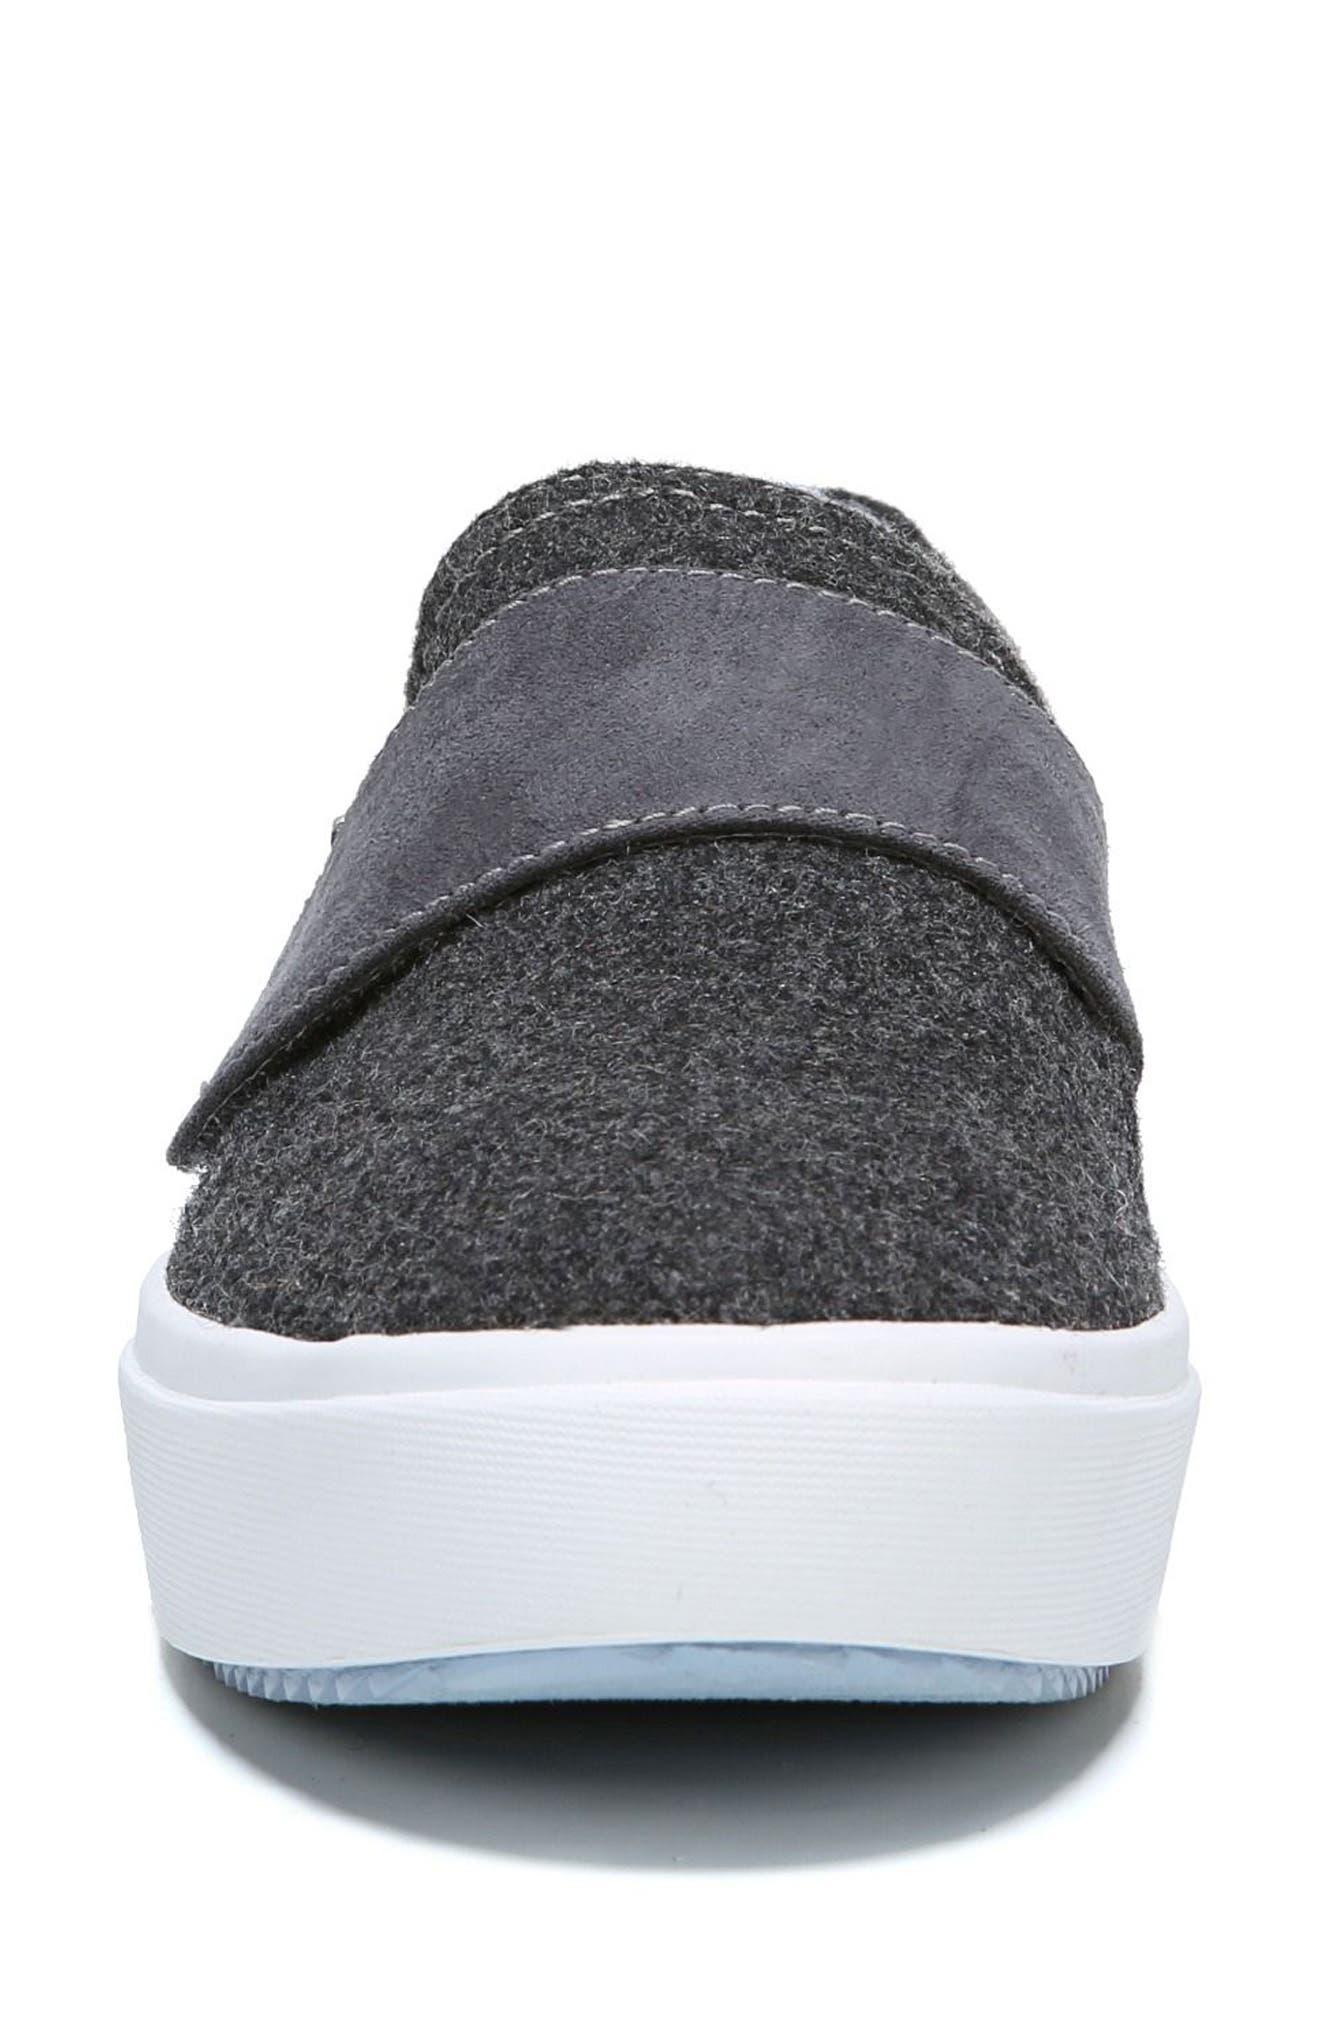 Wander Band Slip-On Sneaker,                             Alternate thumbnail 5, color,